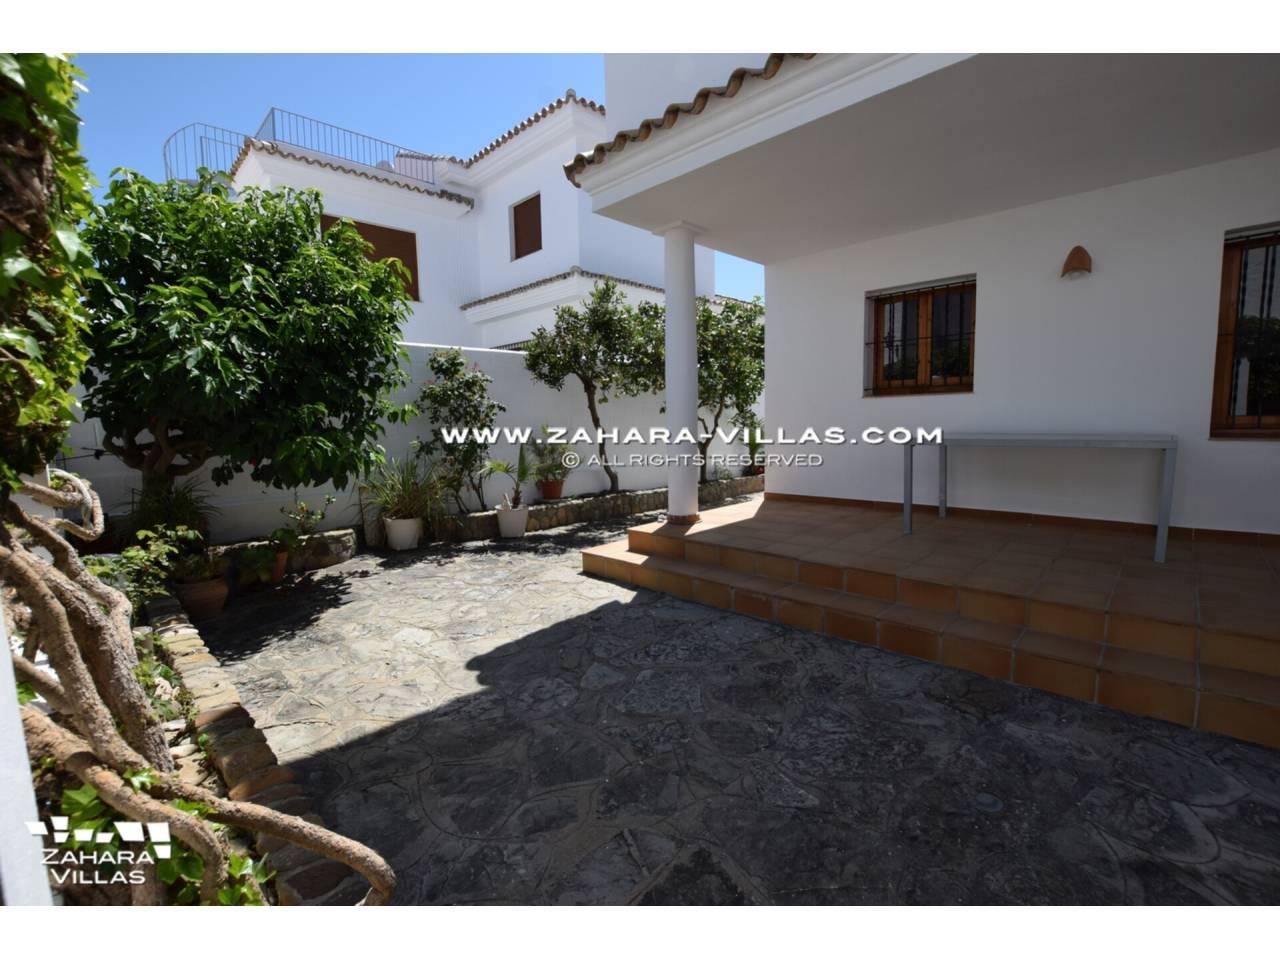 Imagen 3 de Casa en venta en segunda línea de playa, con vistas al mar en Zahara de los Atunes